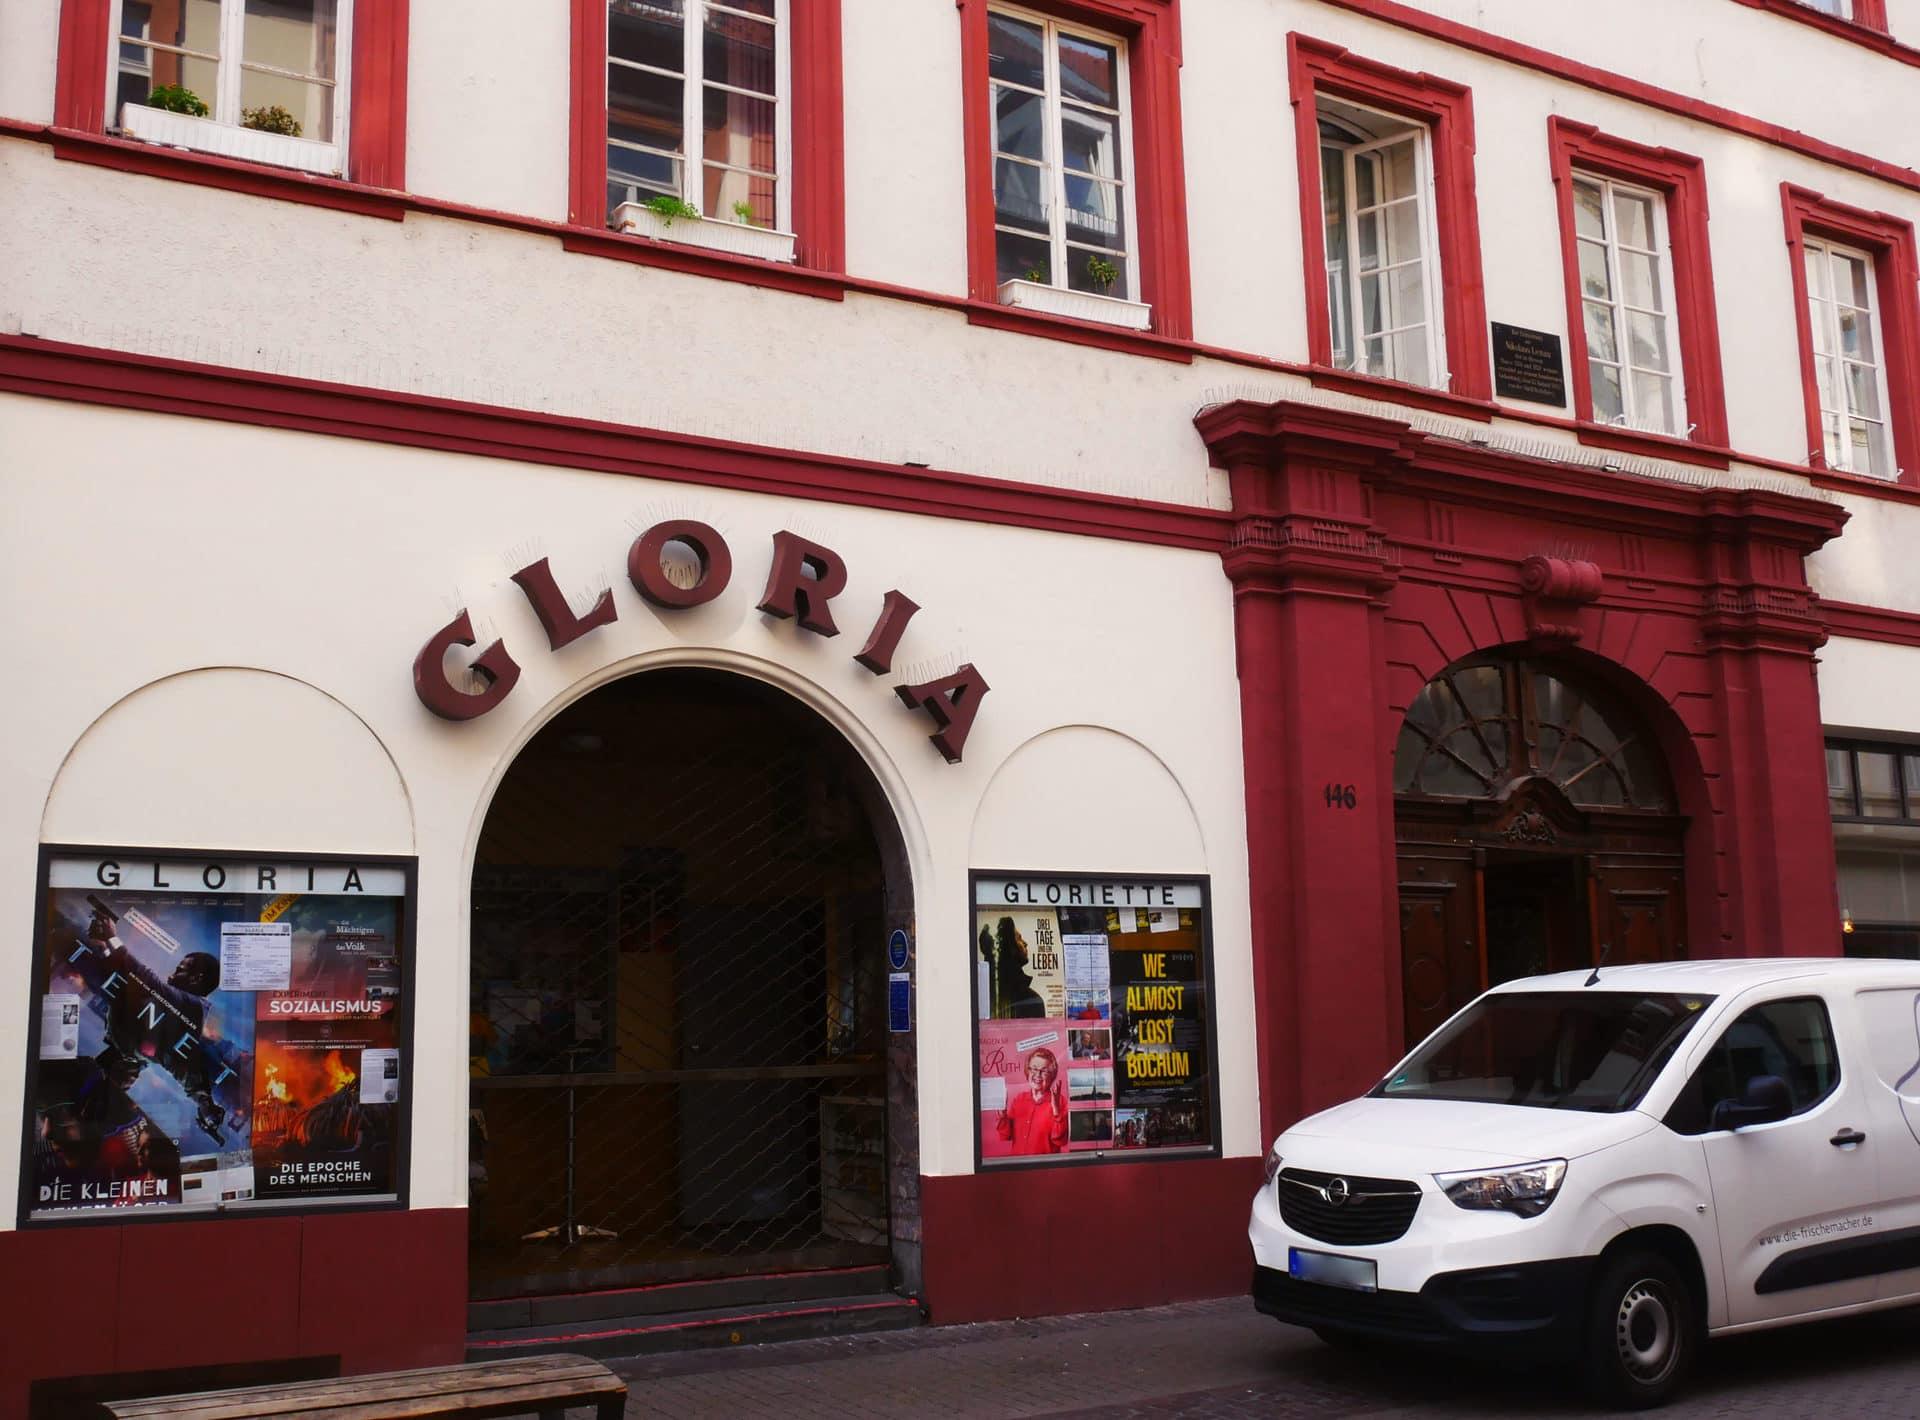 Gloria und Gloriette Eingang